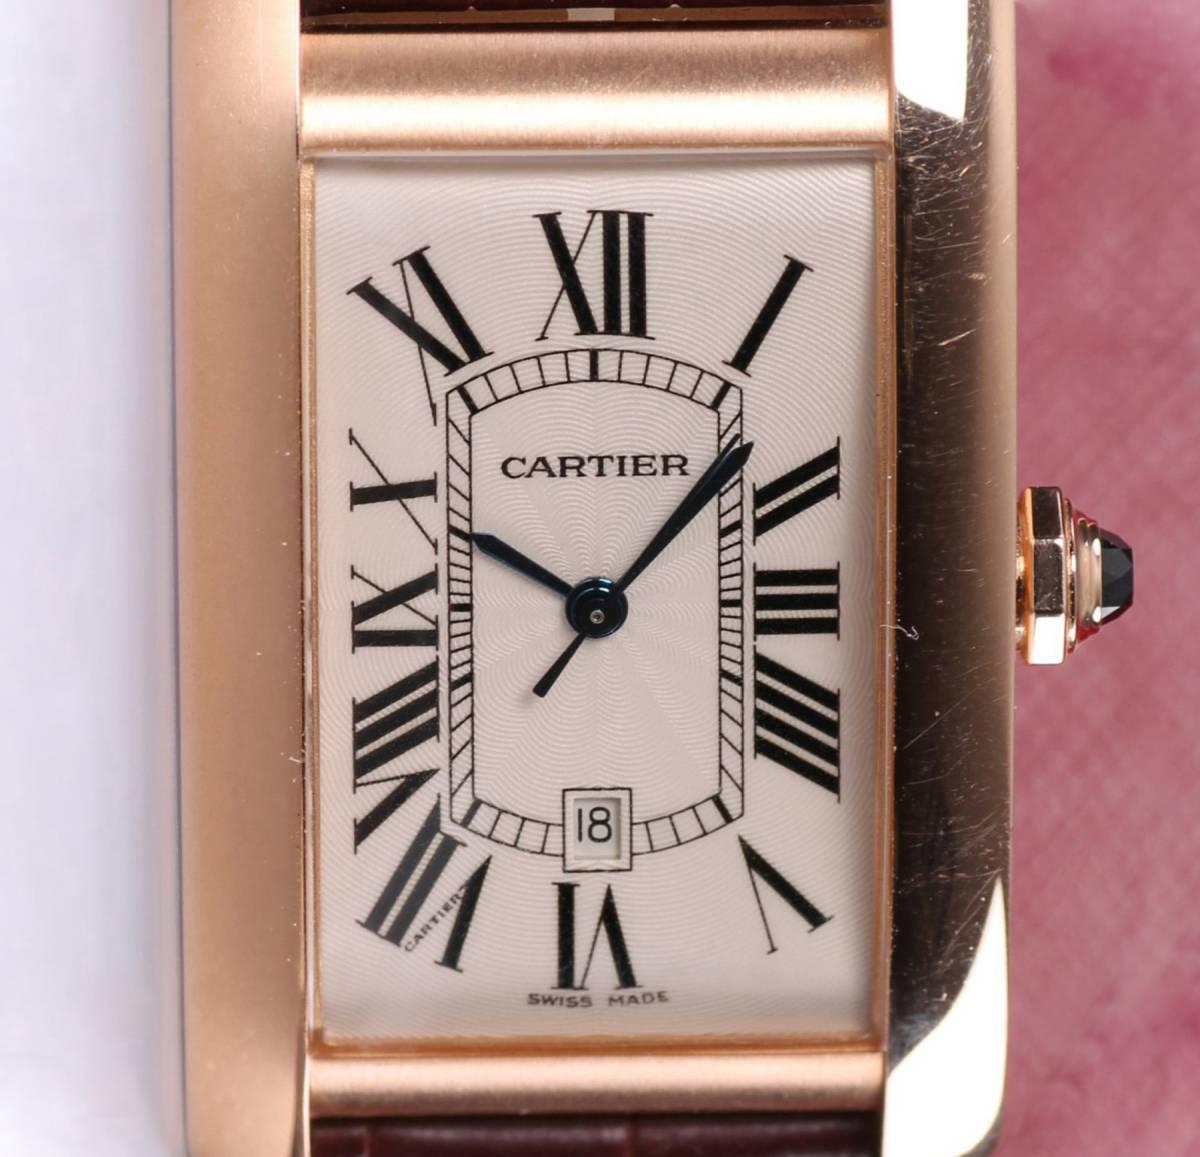 本物 カルティエ Cartier タンクアメリカン クロノグラフ LM ピンクゴールド W2609156 自動巻き メンズ 時計 中古美品